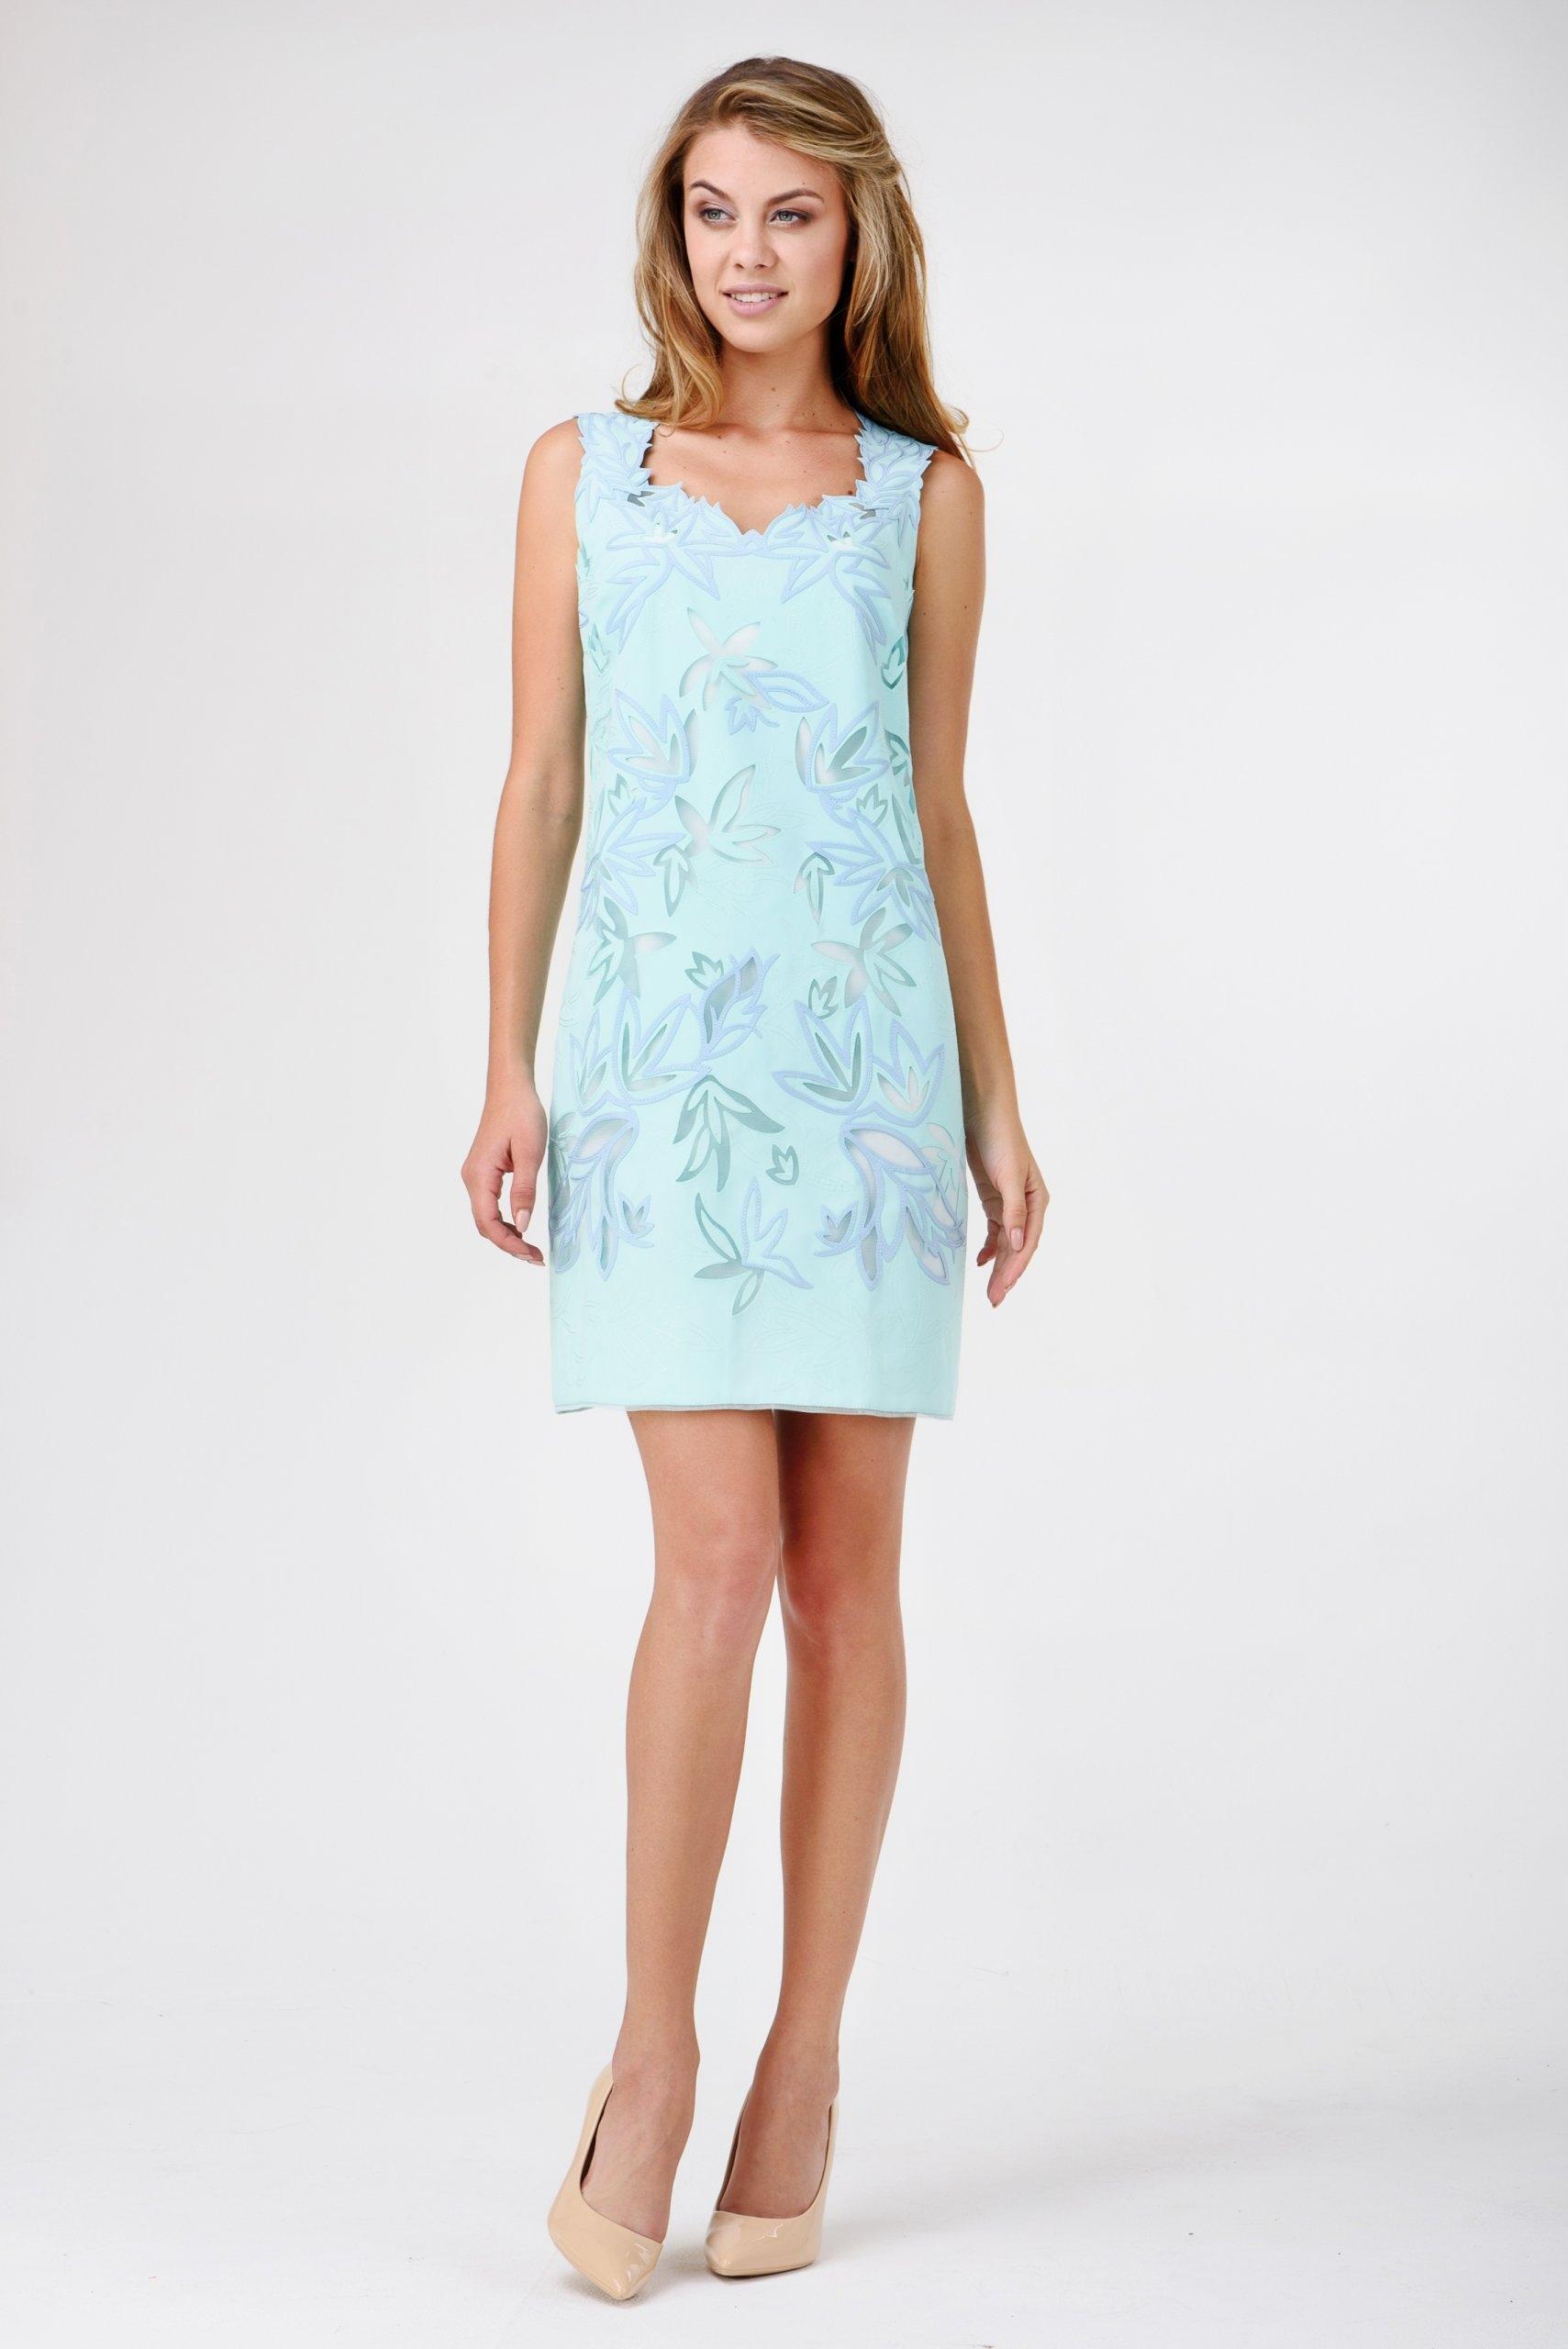 d0e79c3281 Sukienki na wesele  wieczorowe w kwiaty błękitna L - 7387369532 ...